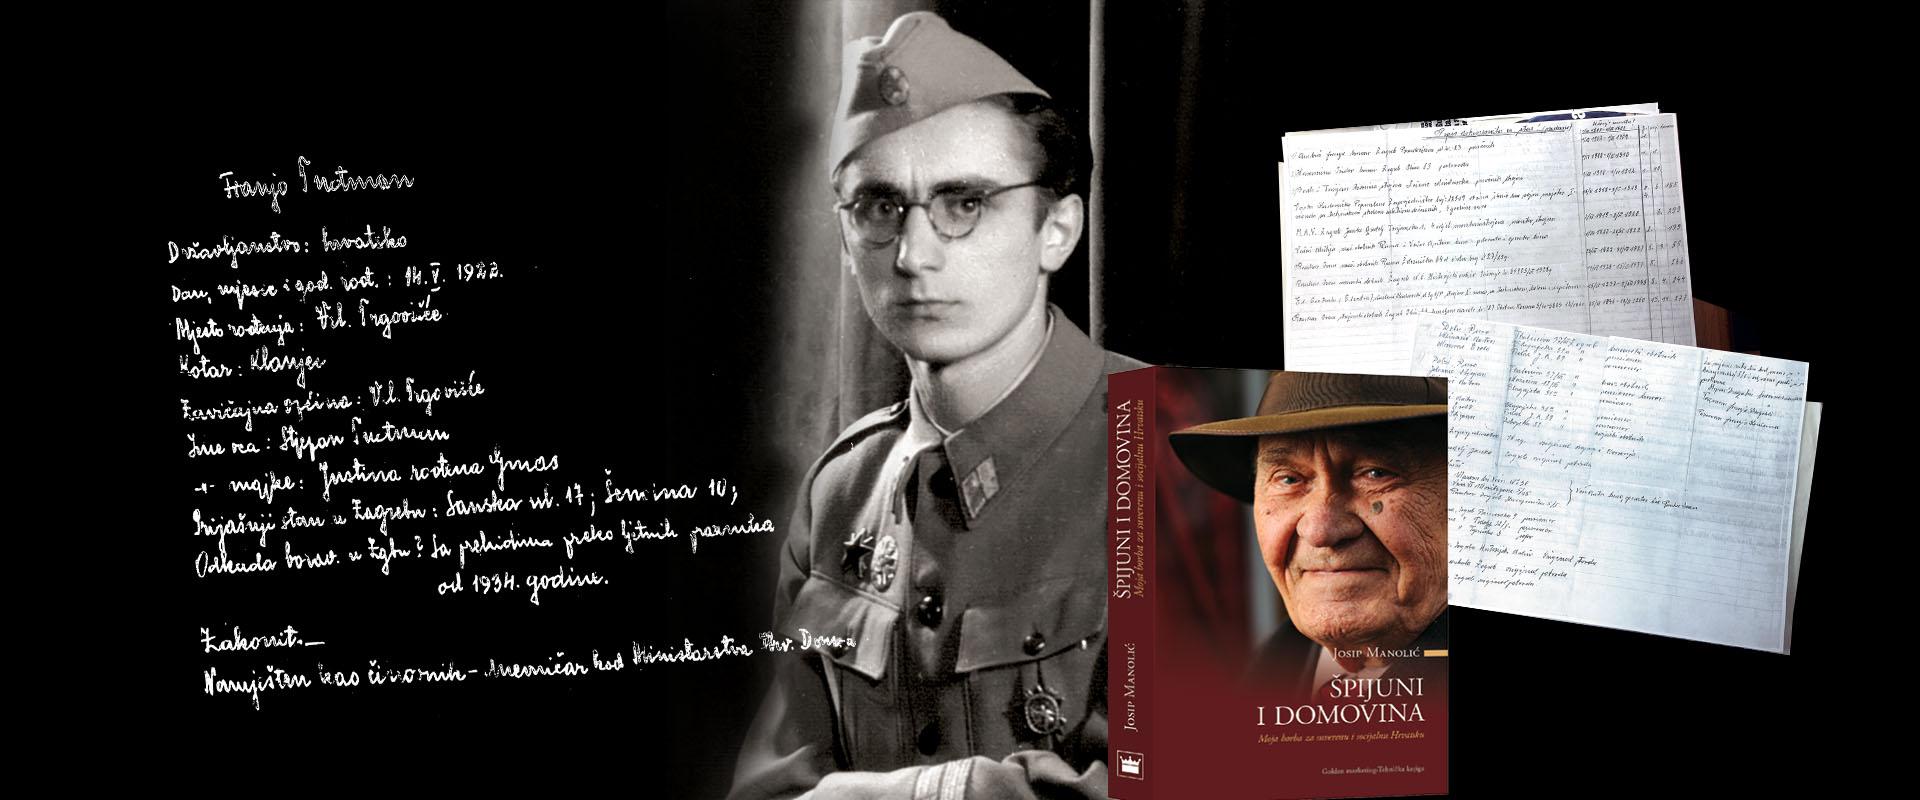 EKSKLUZIVNI DOKUMENTI: 'FRANJO TUĐMAN do svibnja 1942. radio je za ustašku vladu'